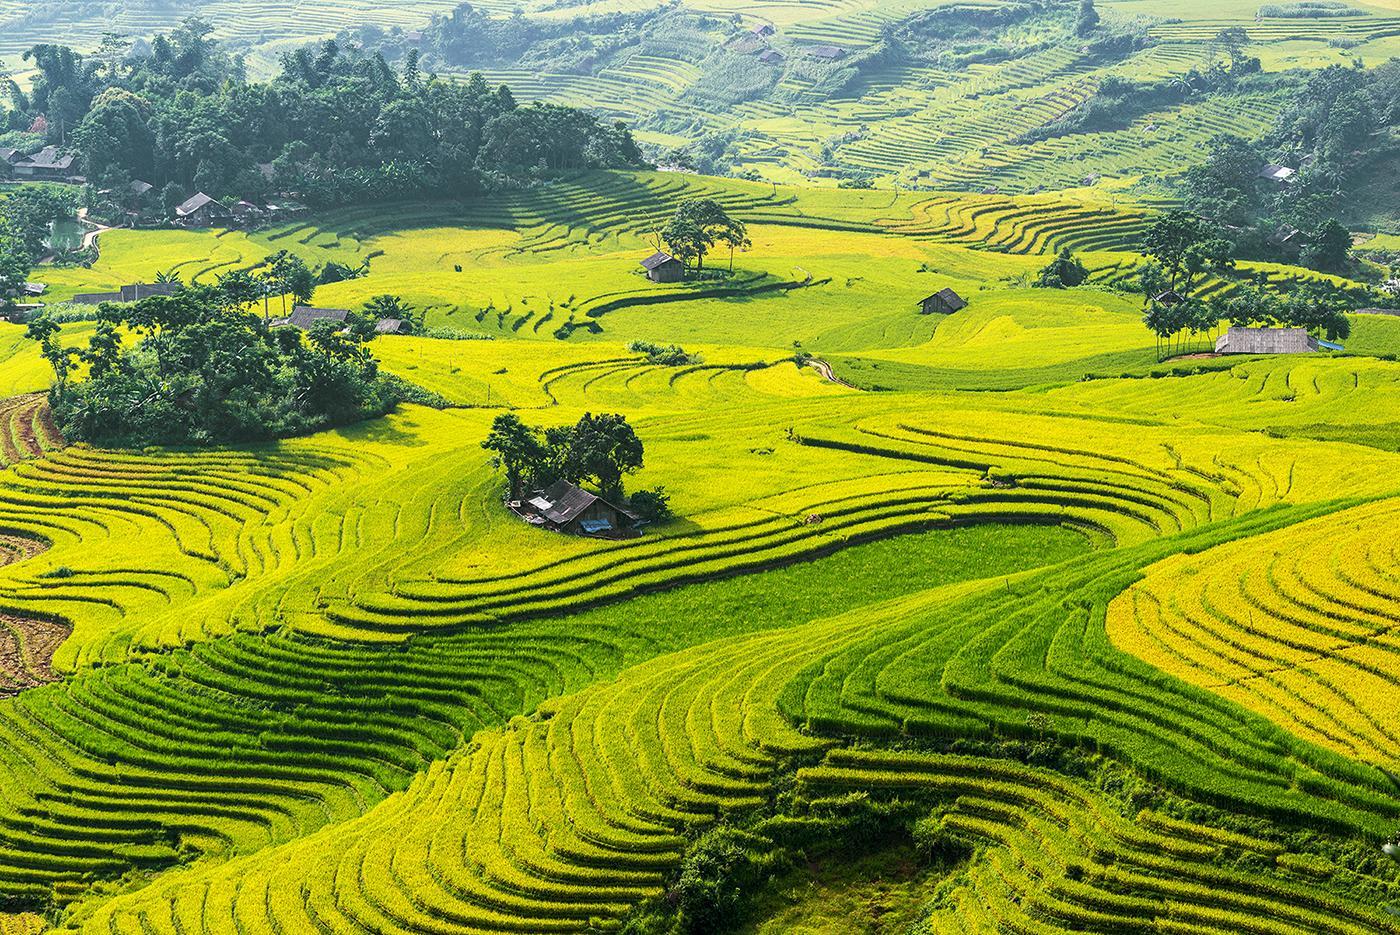 Hình ảnh cánh đồng lúa trên ruộng bậc thang